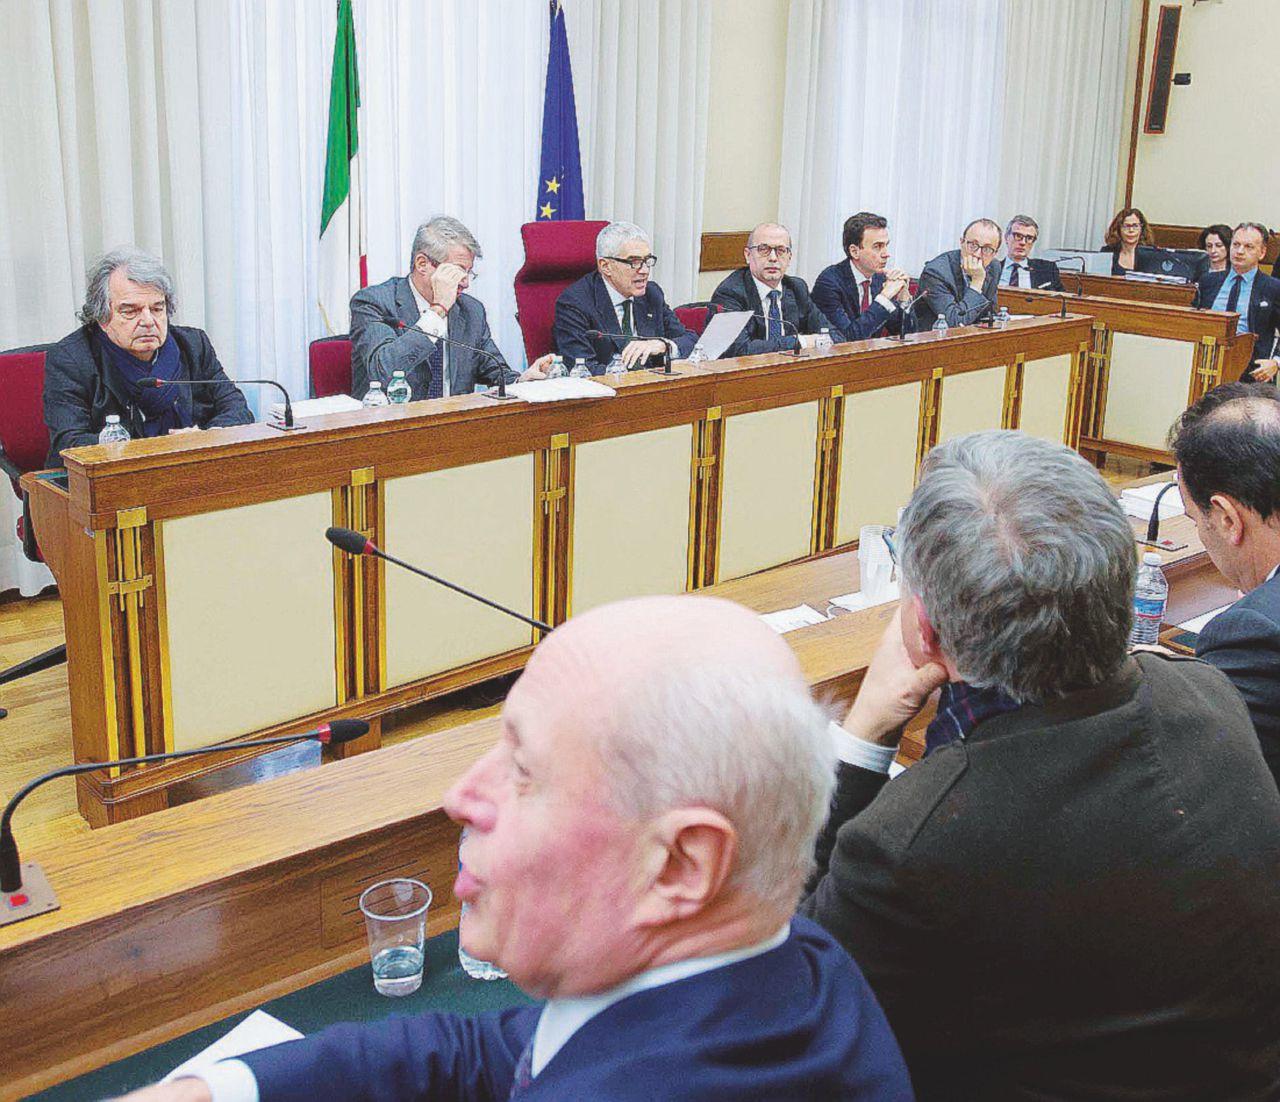 Commissione banche tutto insabbiato con l 39 inciucio pd forza italia terranostra news for Deputati forza italia